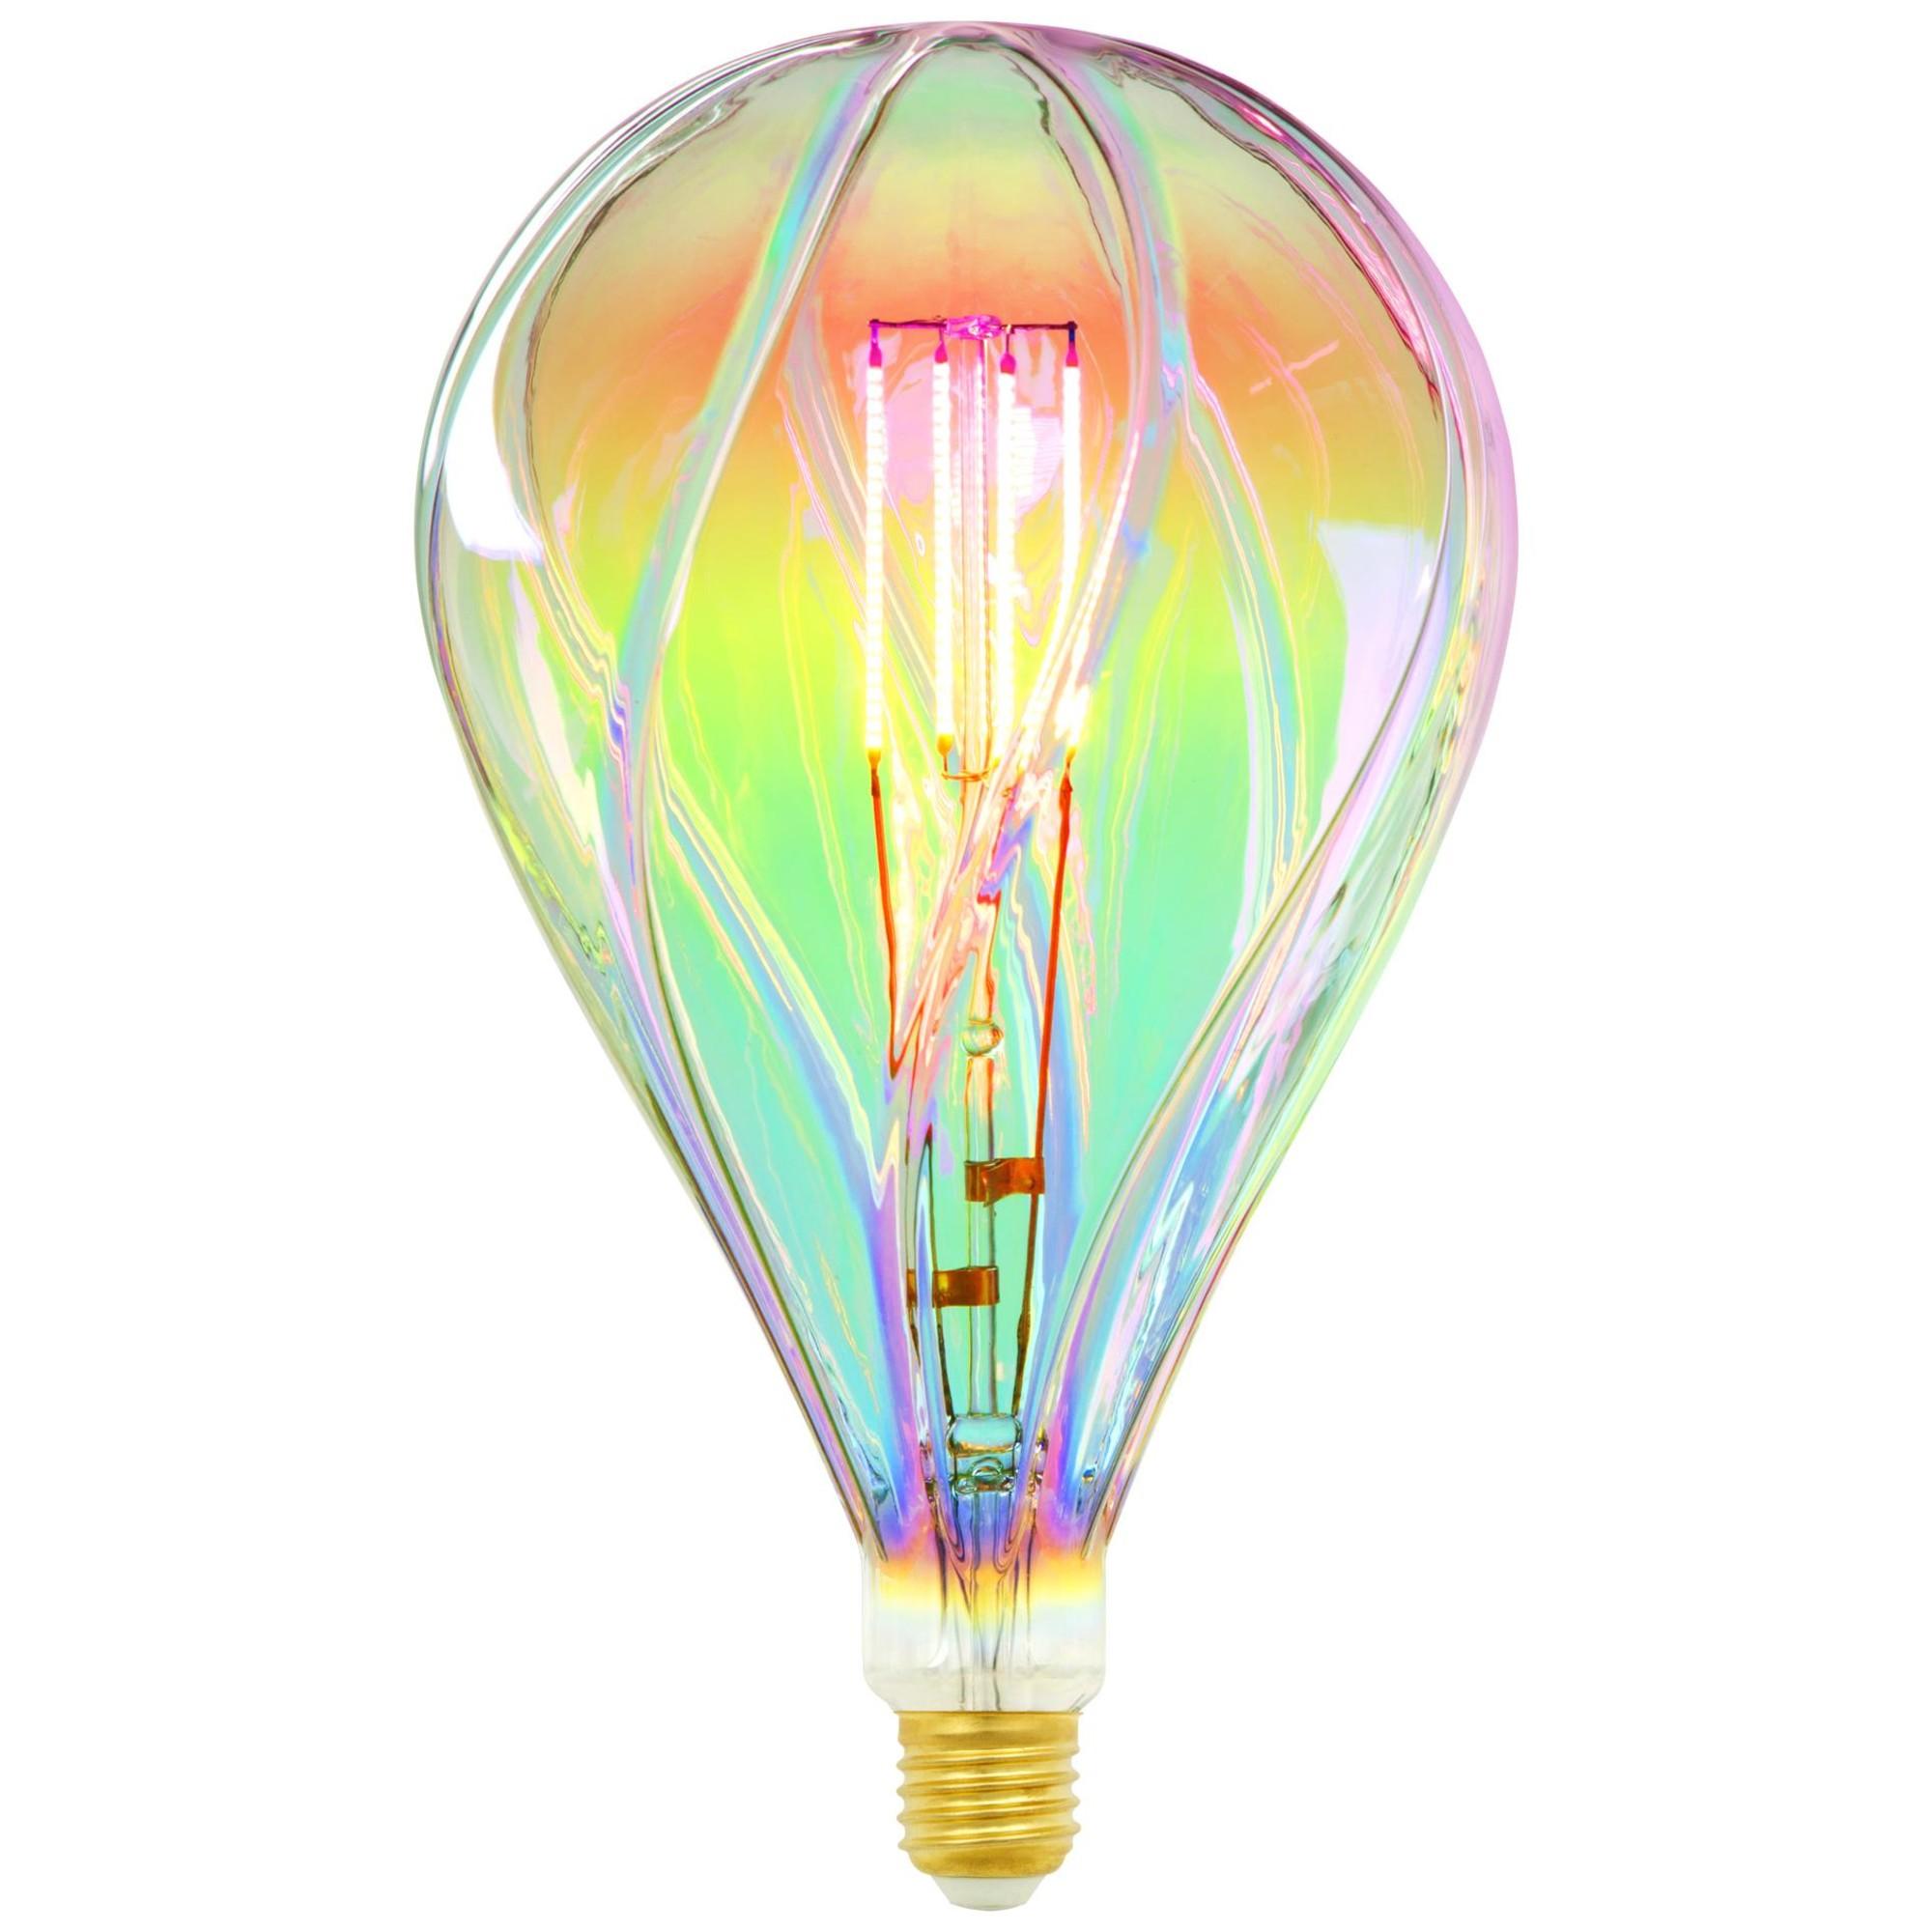 Светодиодная лампочка UNIEL Soho E27 400 Лм 5 Вт UL-00005917 теплый белый свет